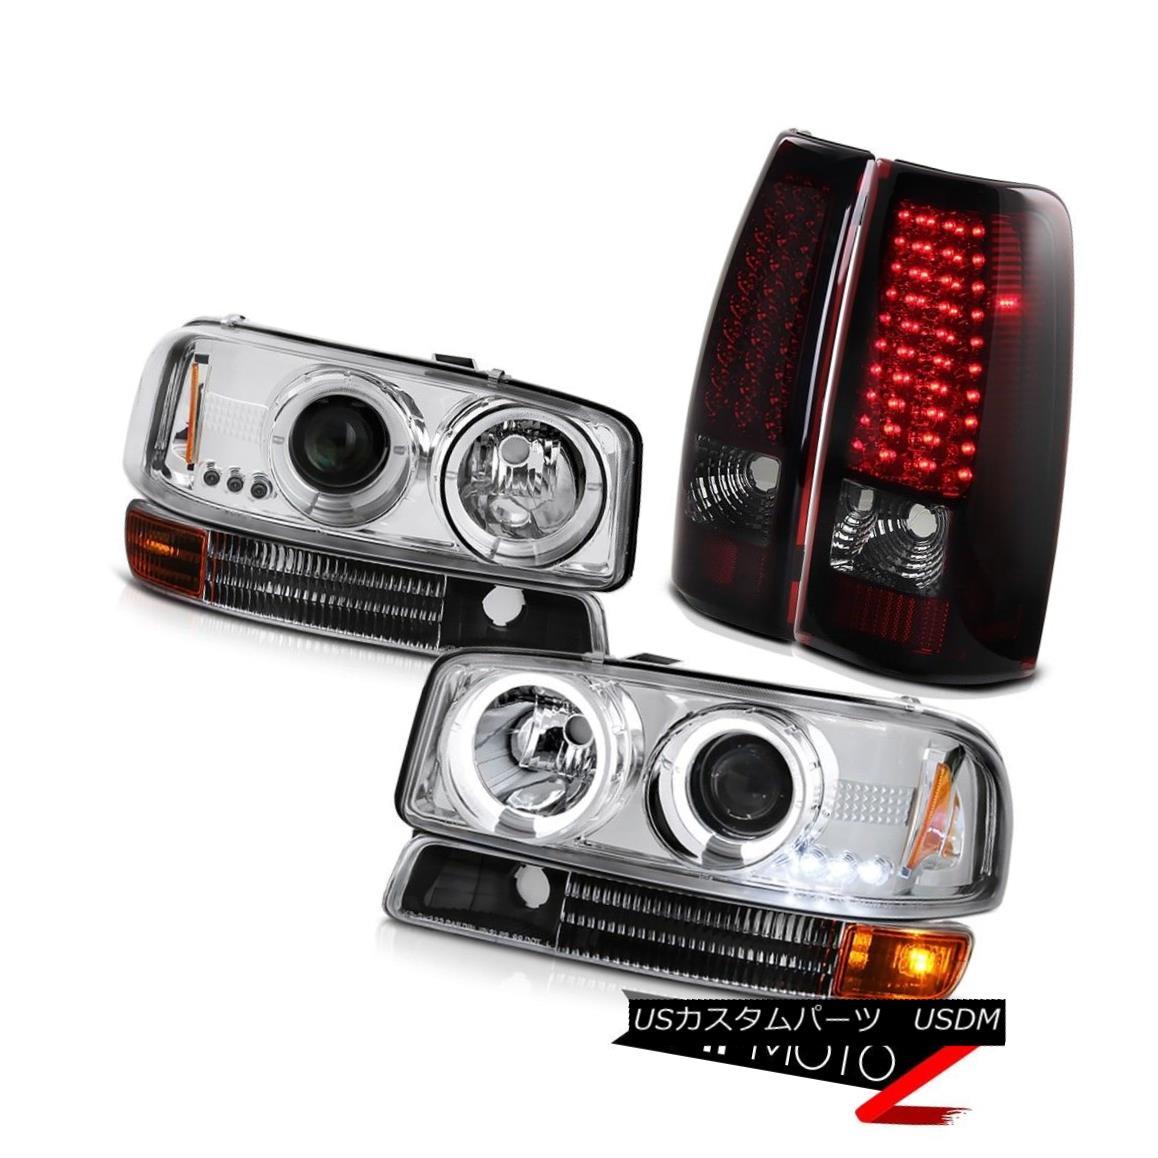 ヘッドライト 2004-2006 Sierra 2500 3500 Headlights Inky Black Bumper Dark Red LED Tail Lights 2004-2006 Sierra 2500 3500ヘッドライトインキブラックバンパーダークレッドLEDテールライト